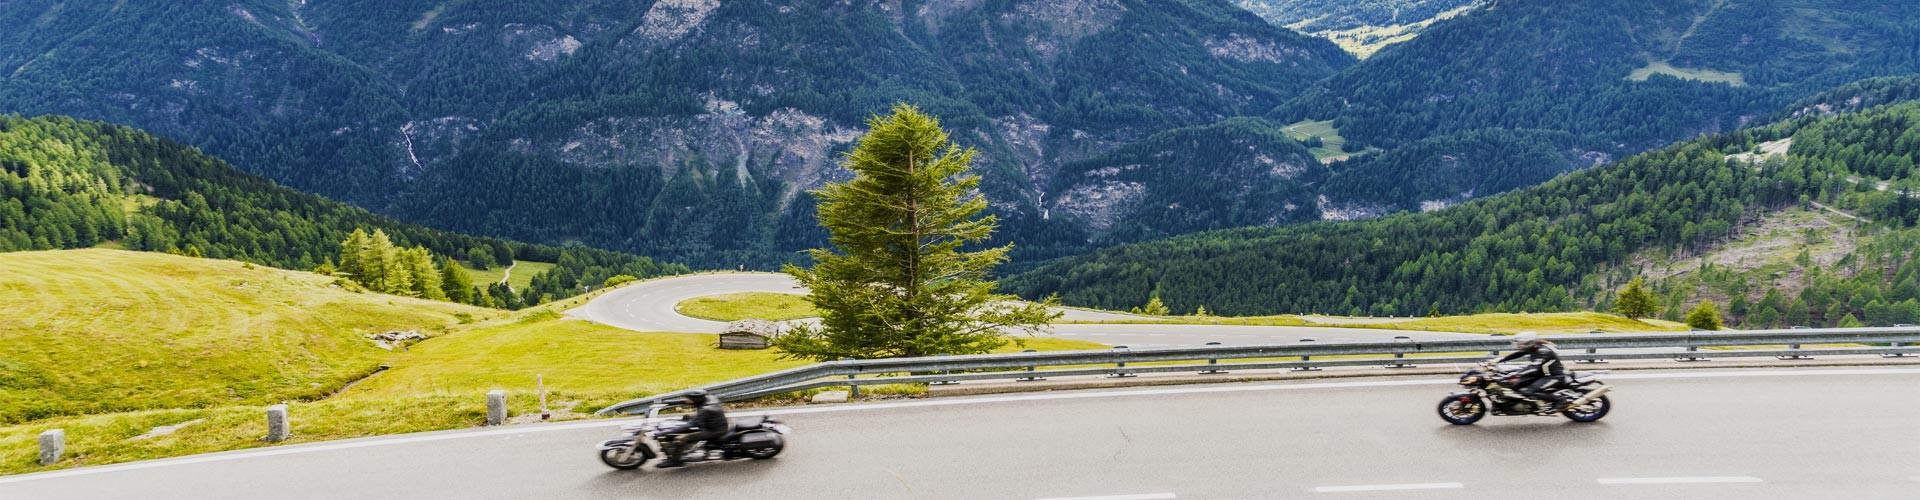 Motorraderlebnisse auf der Deutschen Alpenstraße